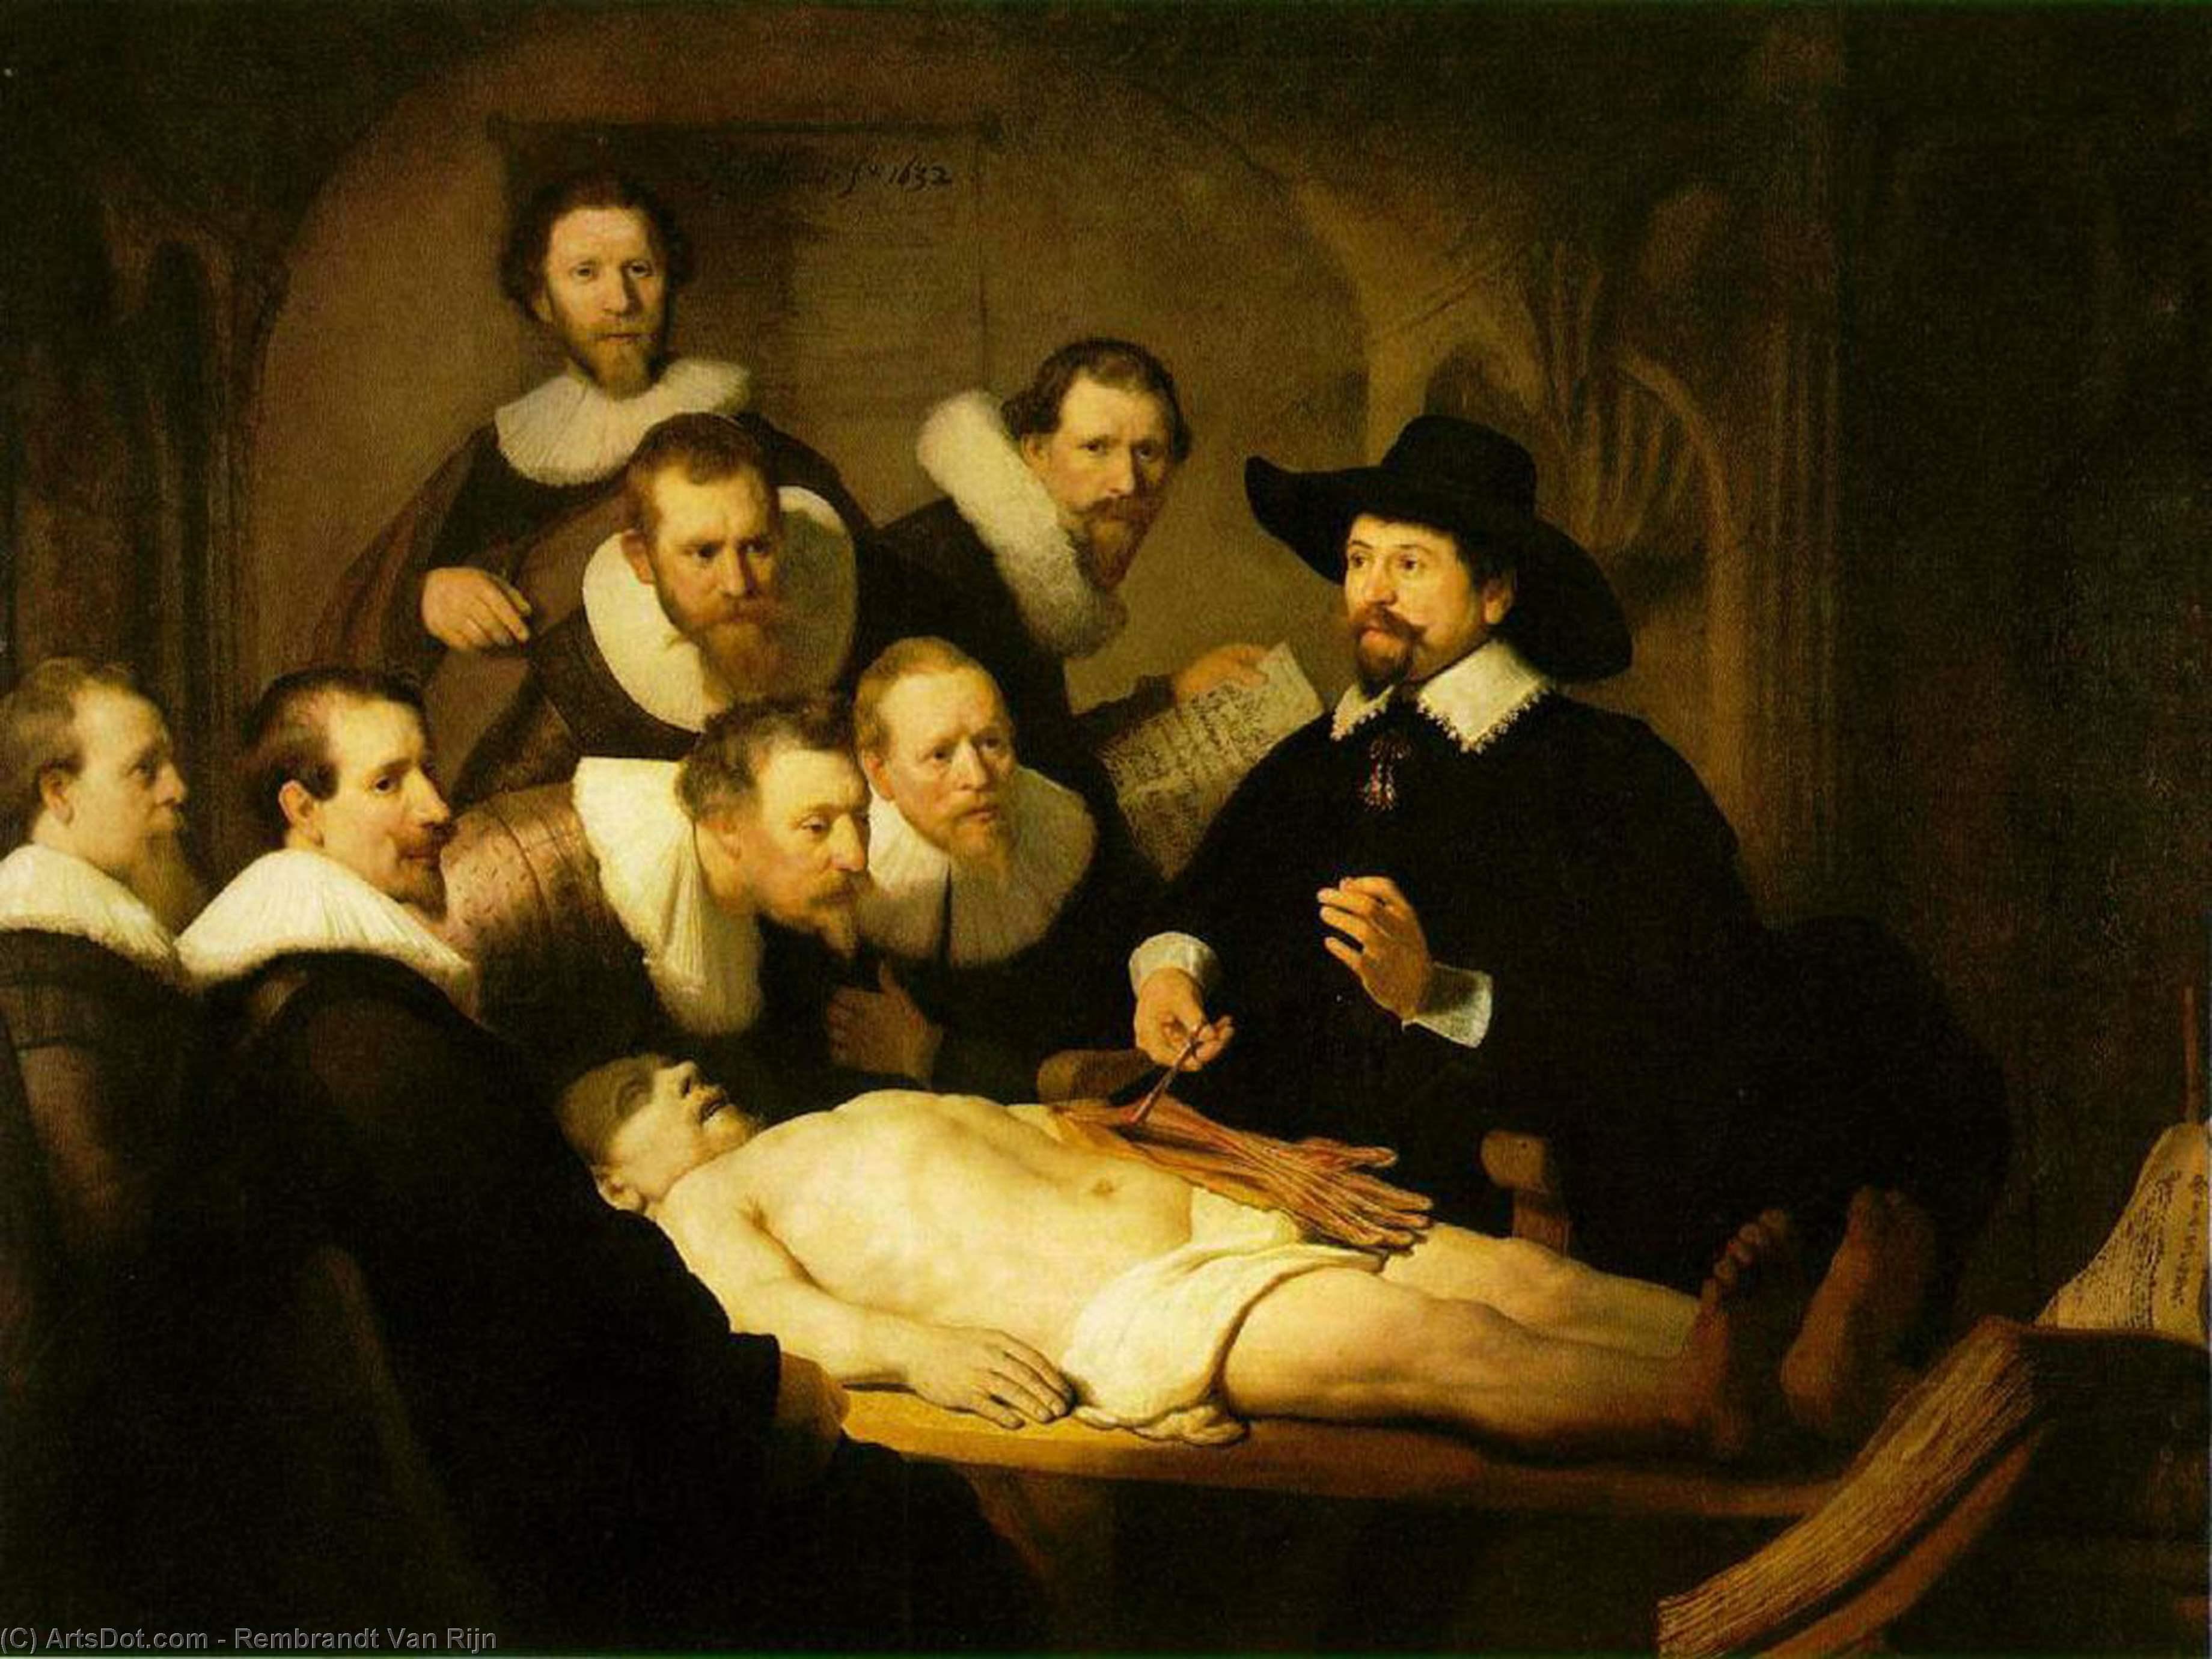 Wikioo.org – L'Enciclopedia delle Belle Arti - Pittura, Opere di Rembrandt Van Rijn - la lezione di anatomia del dott . nicolaes tulp [ 1632 ]